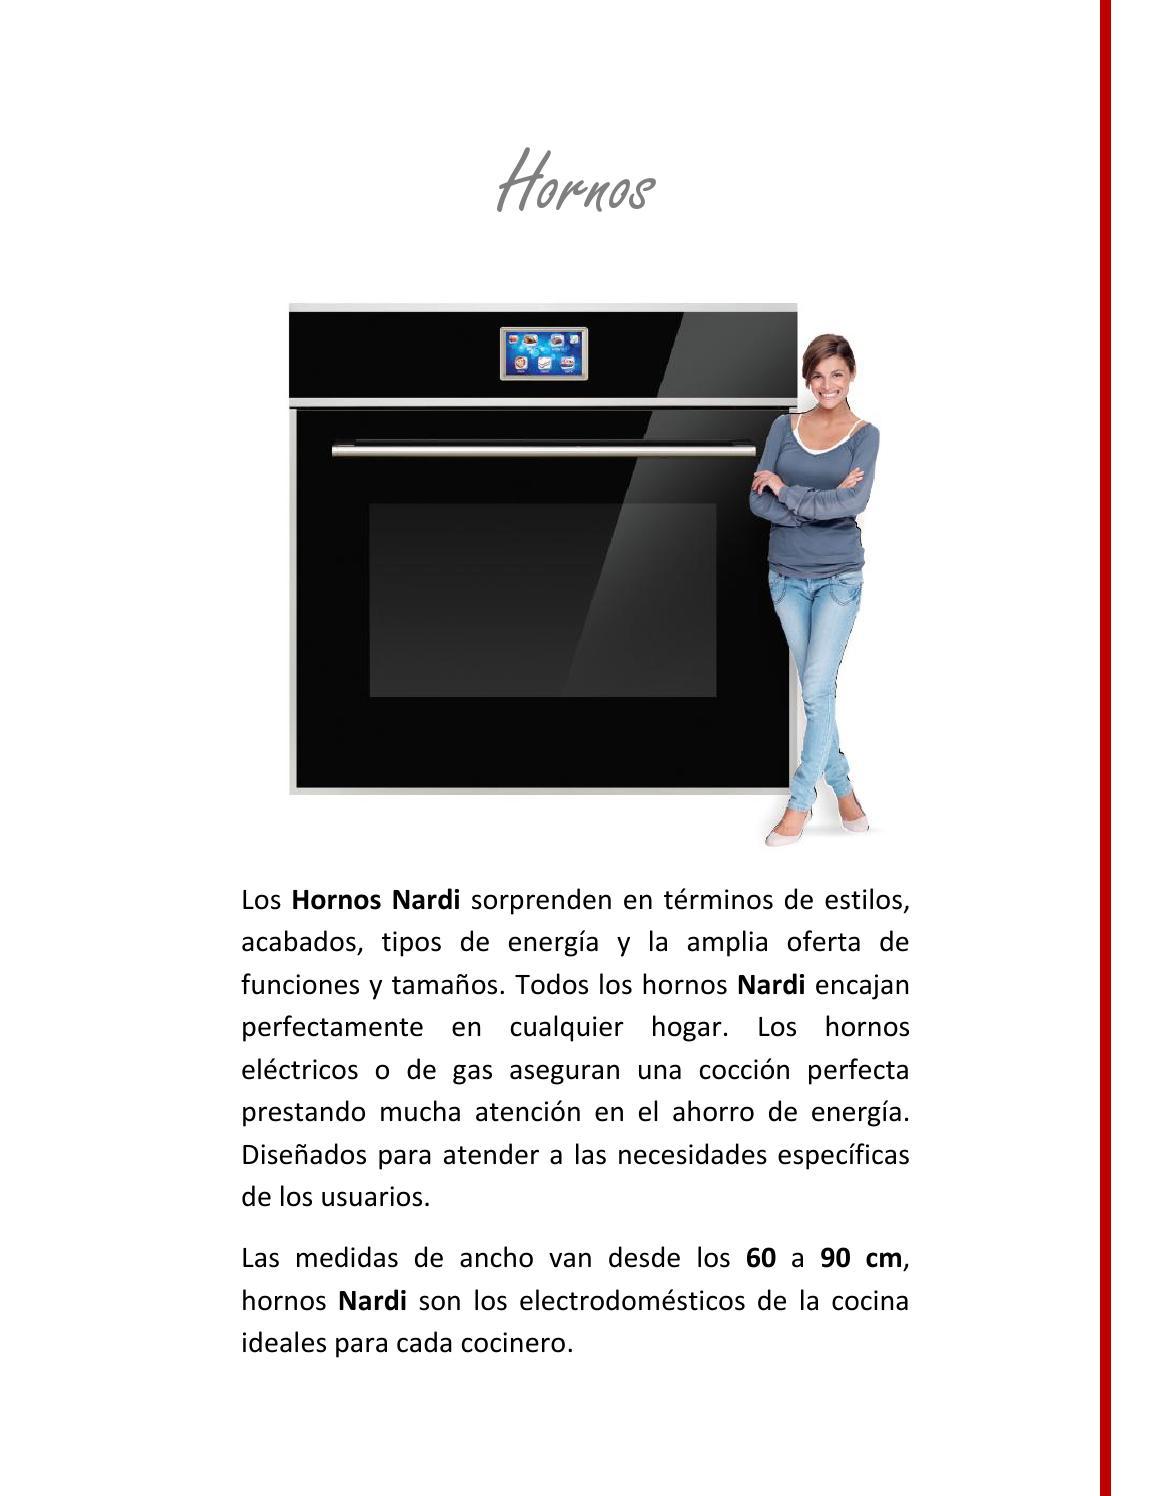 Hornos by dy p santa cruz issuu for Medidas de hornos electricos